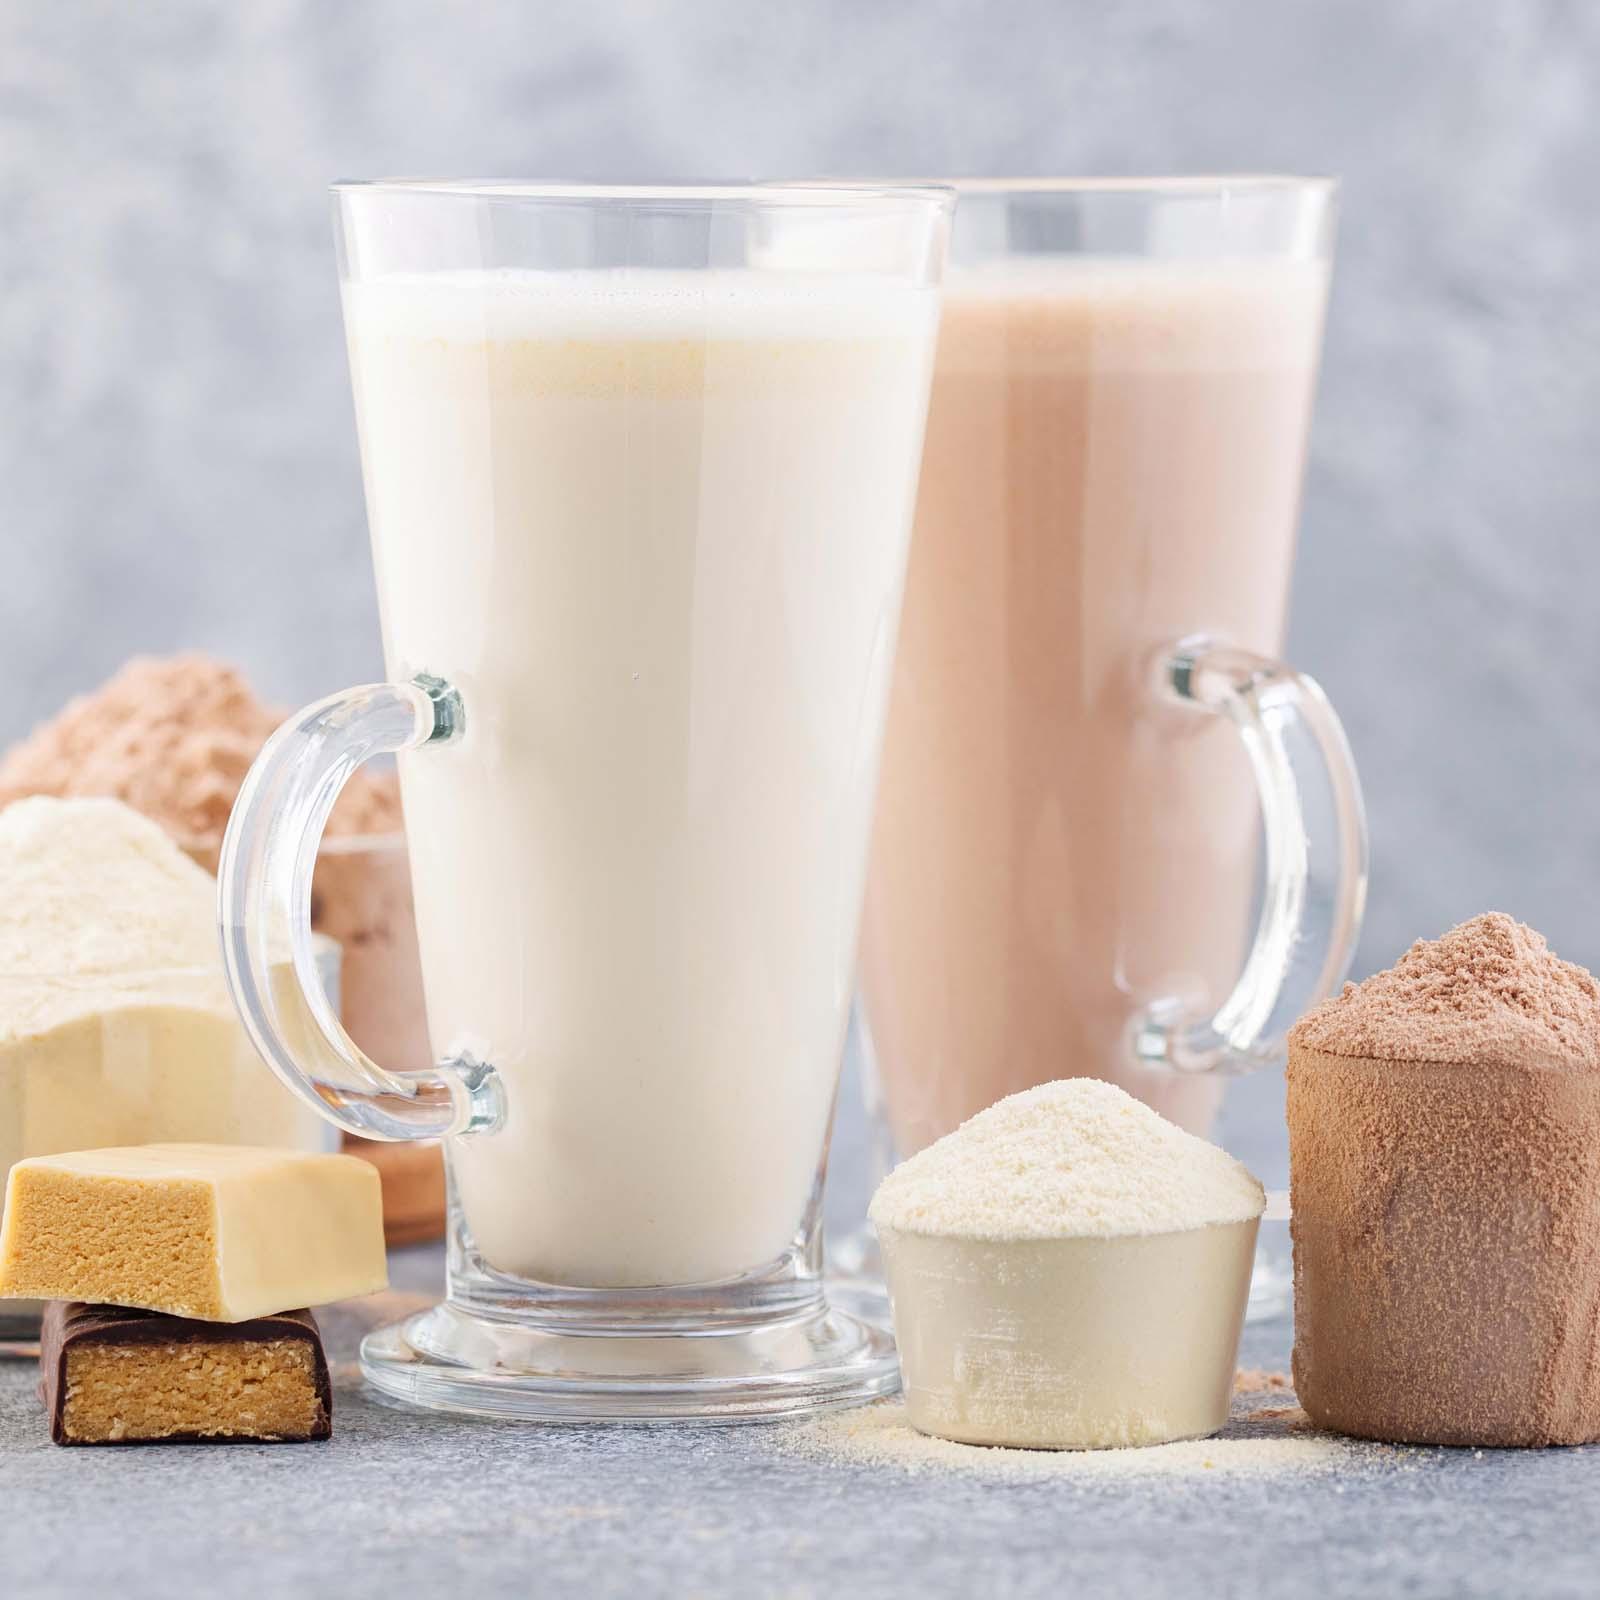 Idaho-Milk-Products-Webinar-Feb 25-2021